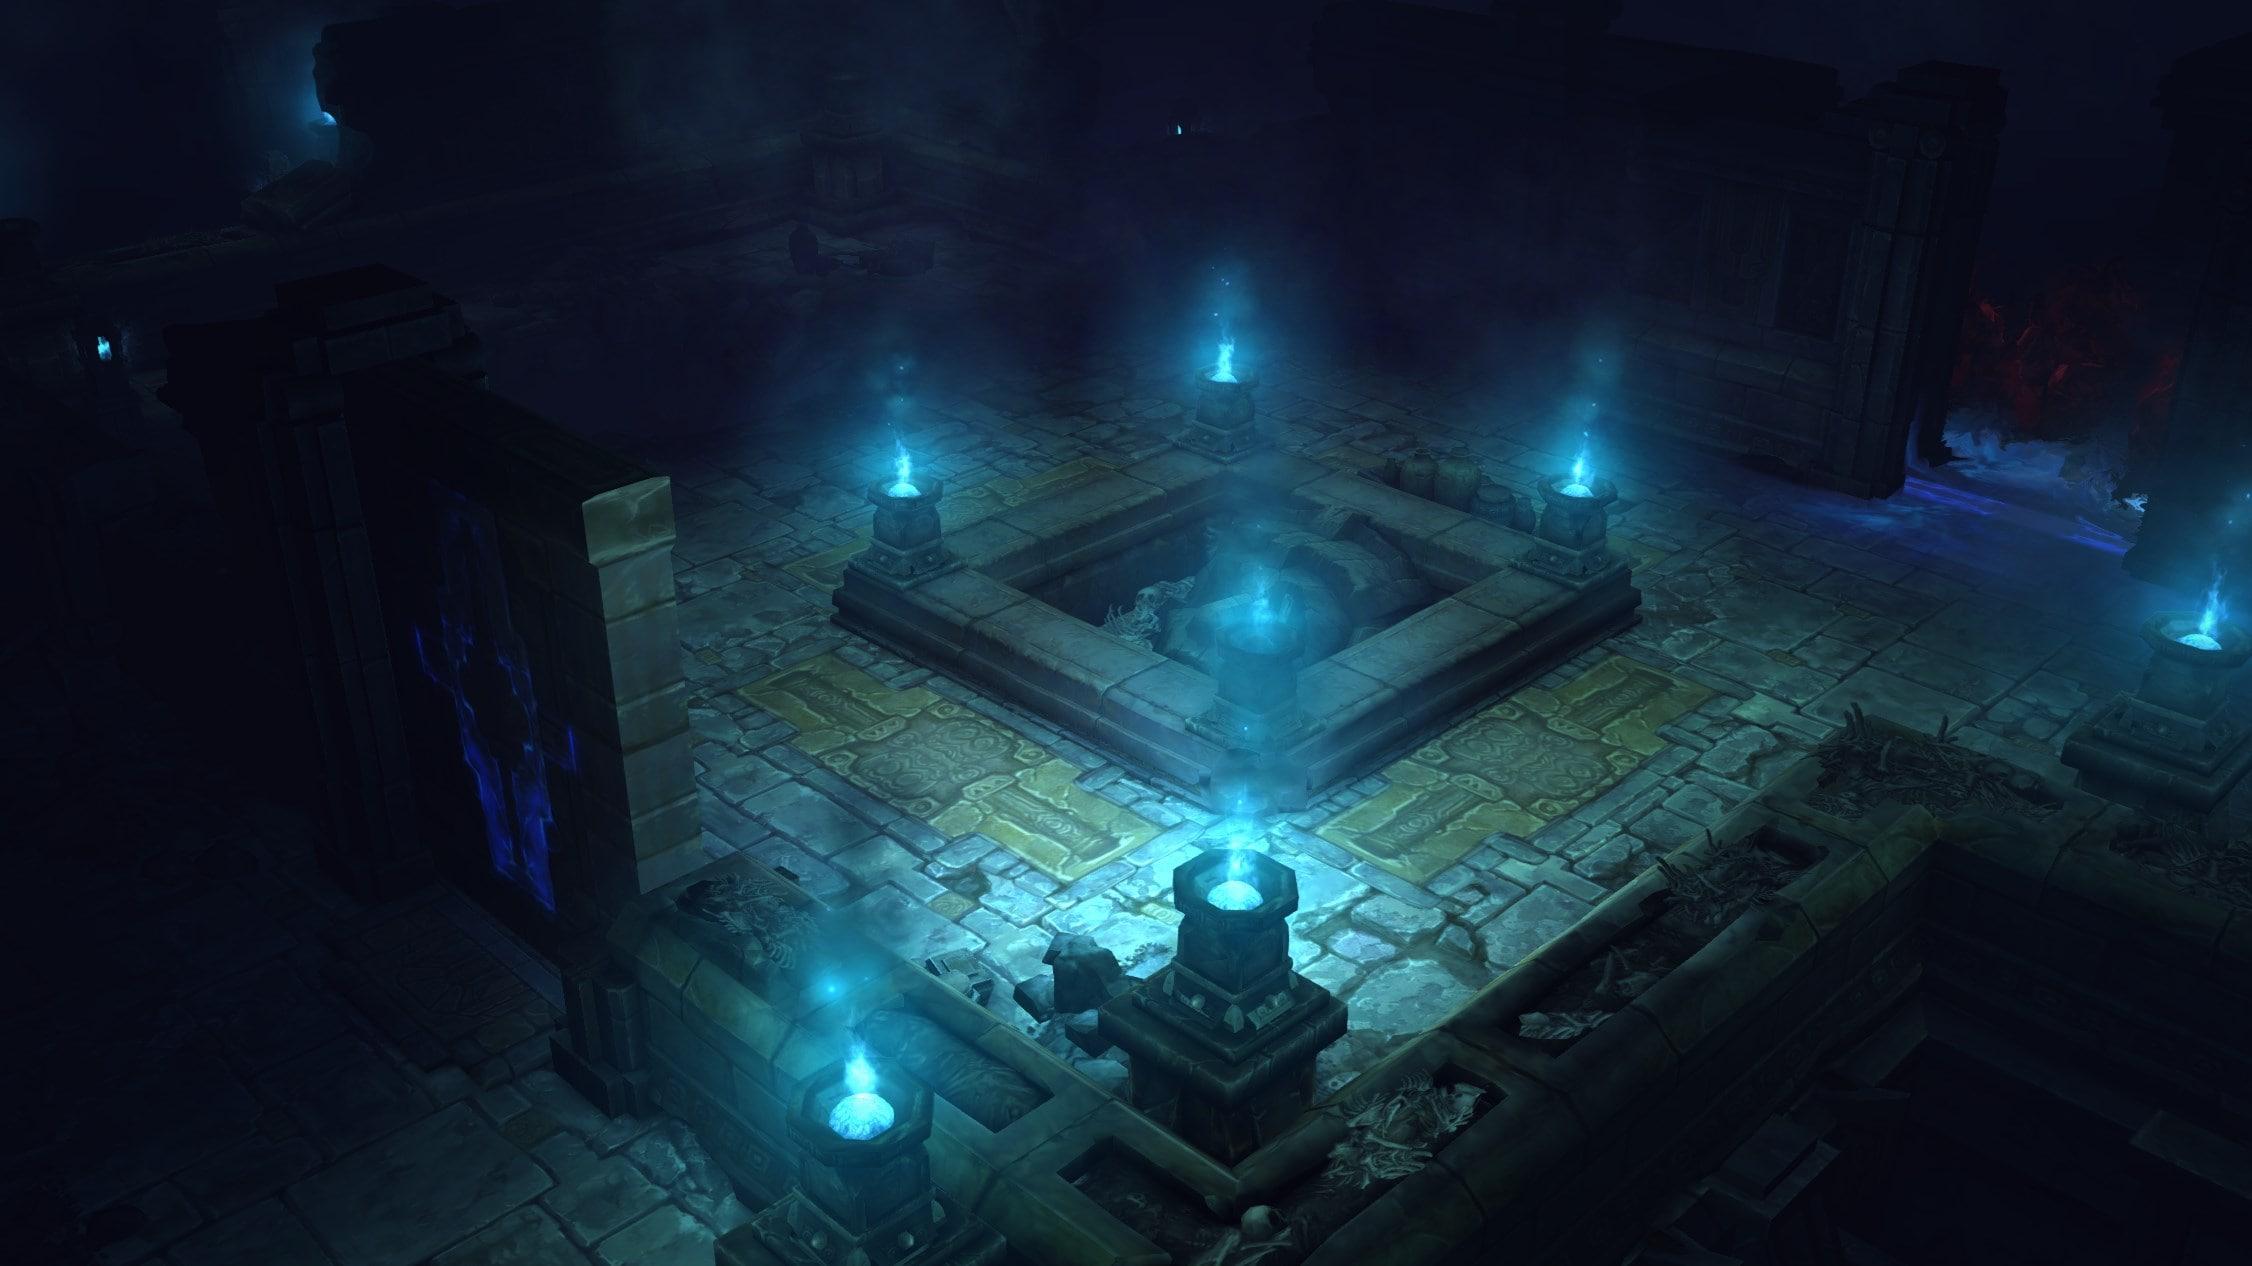 Diablo 3: Reaper of Souls – Collector's Edition (PC) - Battle.net Key - GLOBAL - 4